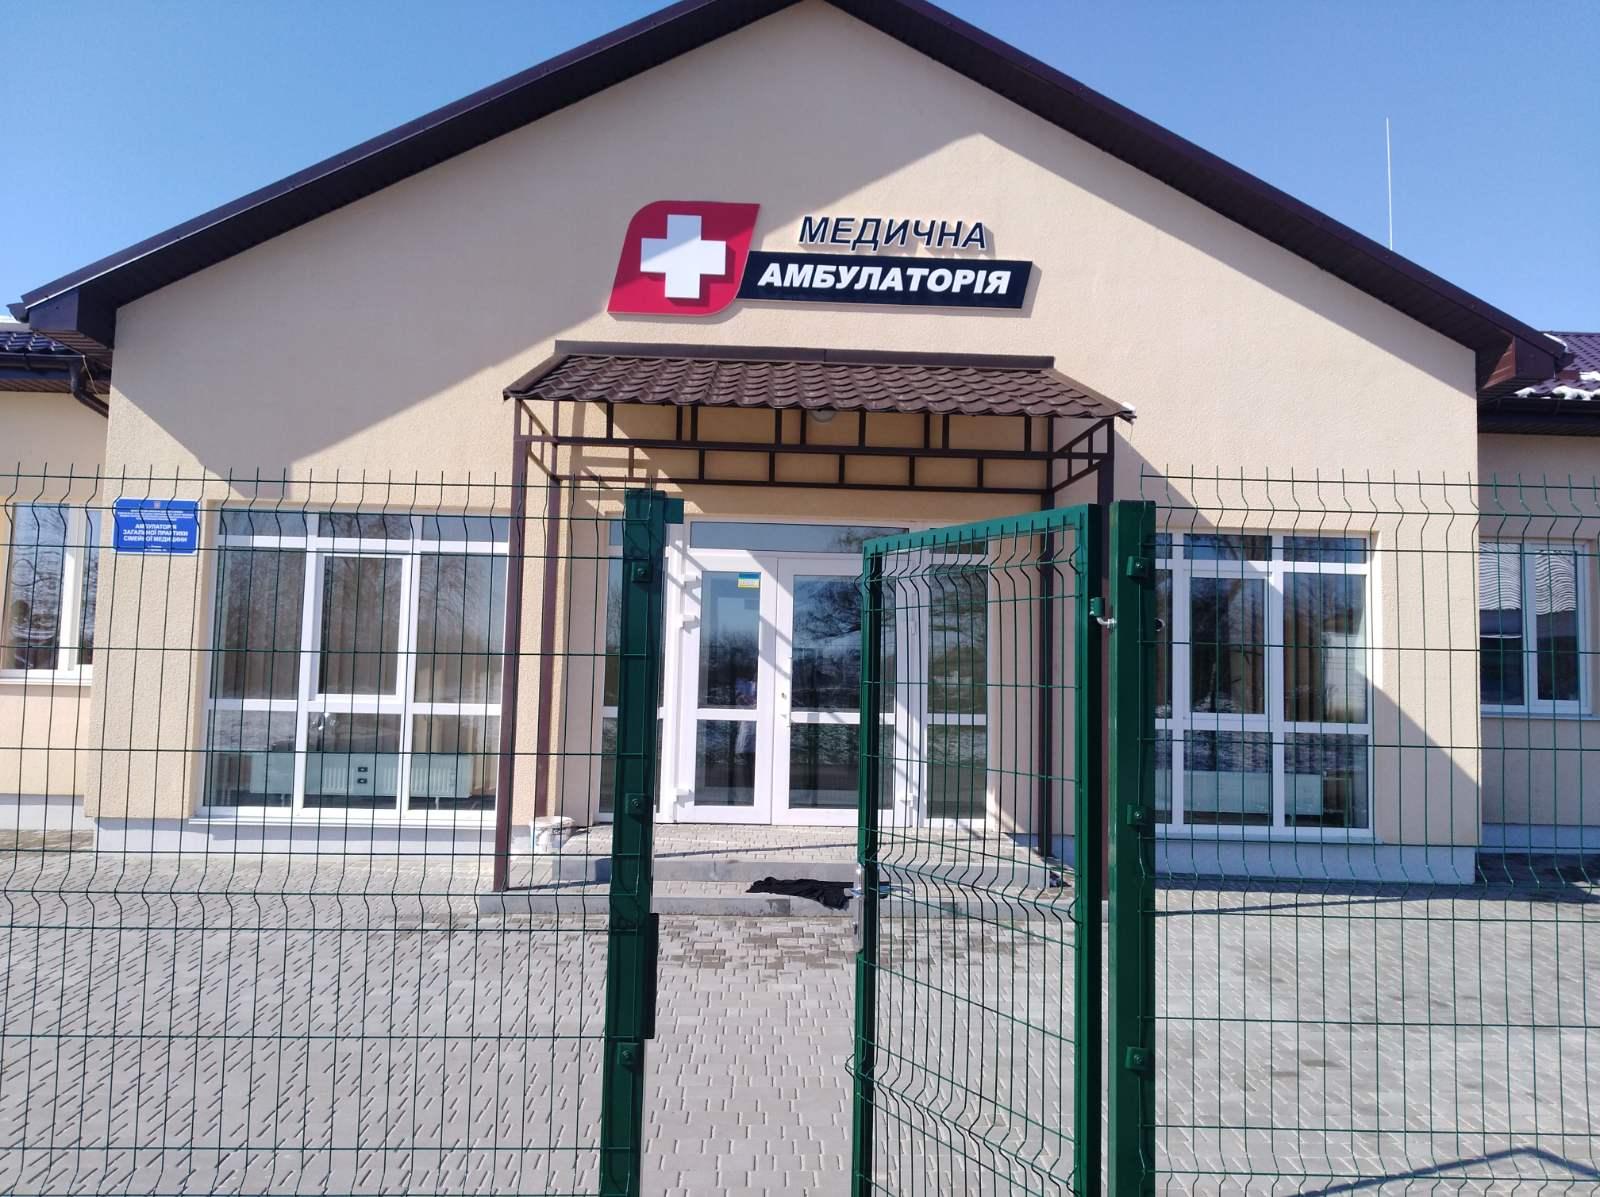 У Білоцерківському районі відкрили нову медамбулаторію - Білоцерківщина - 90863877 141849940673470 6800054525269901312 o